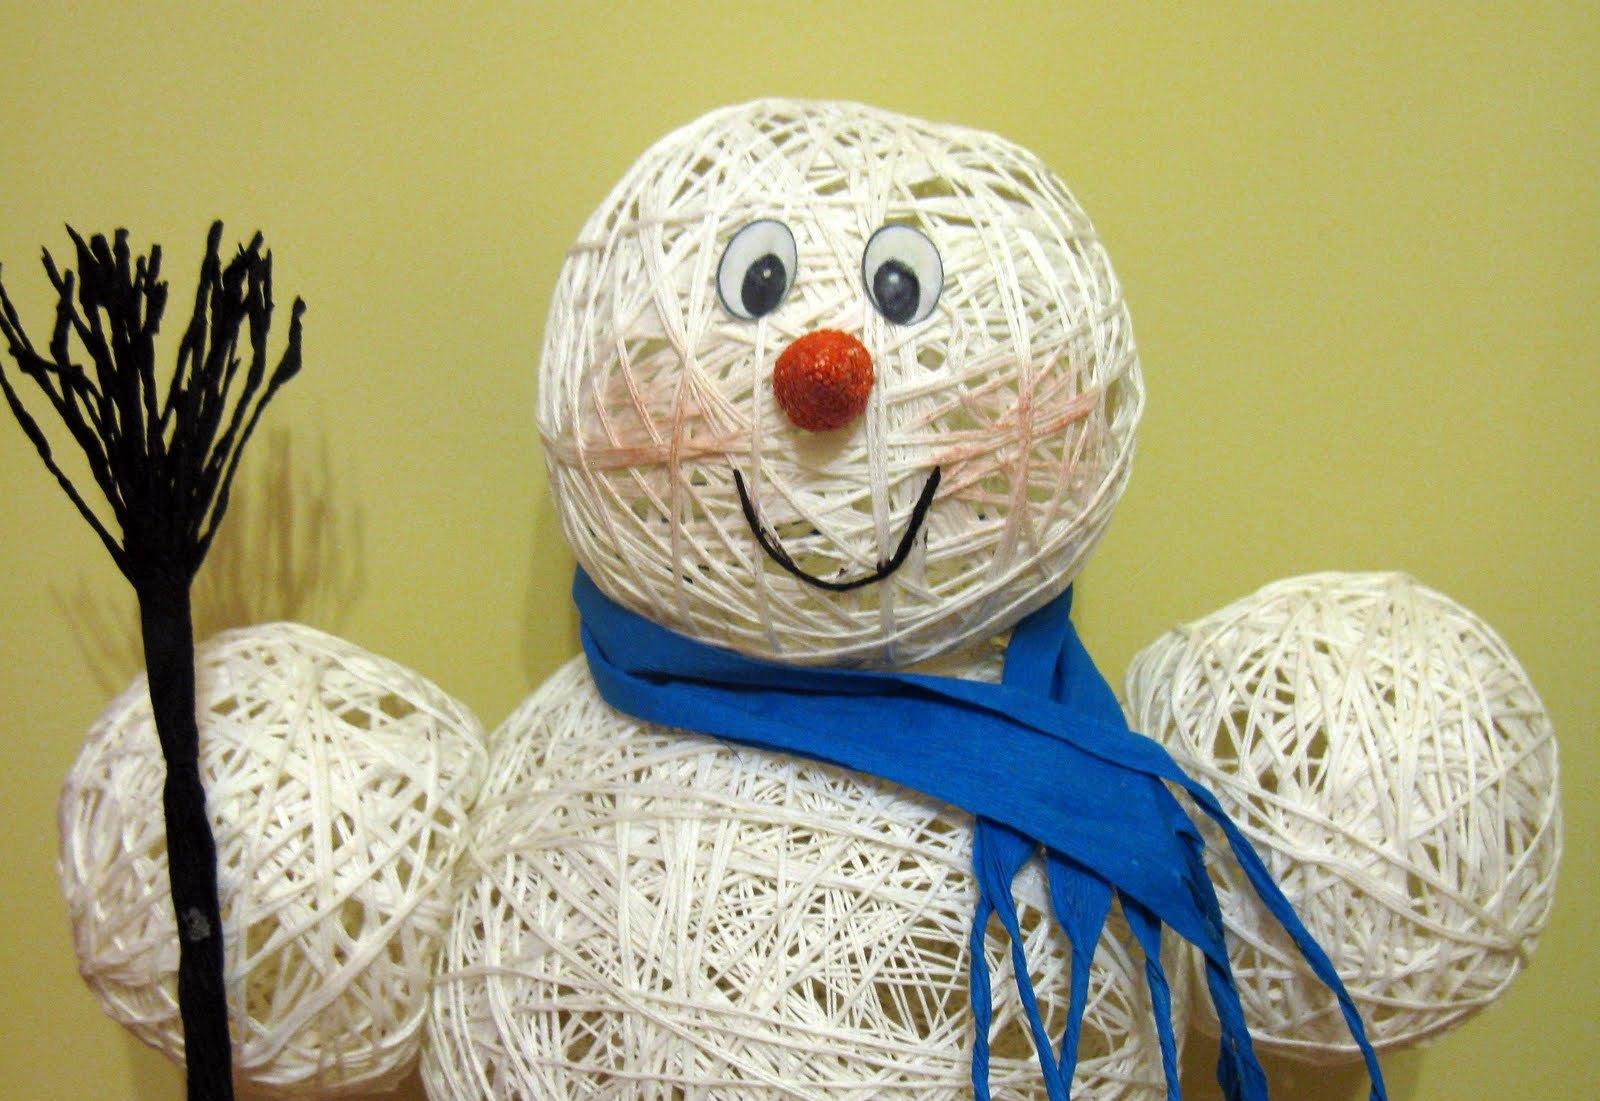 Снеговика можно сделать при помощи воздушных шариков, ниток и клея